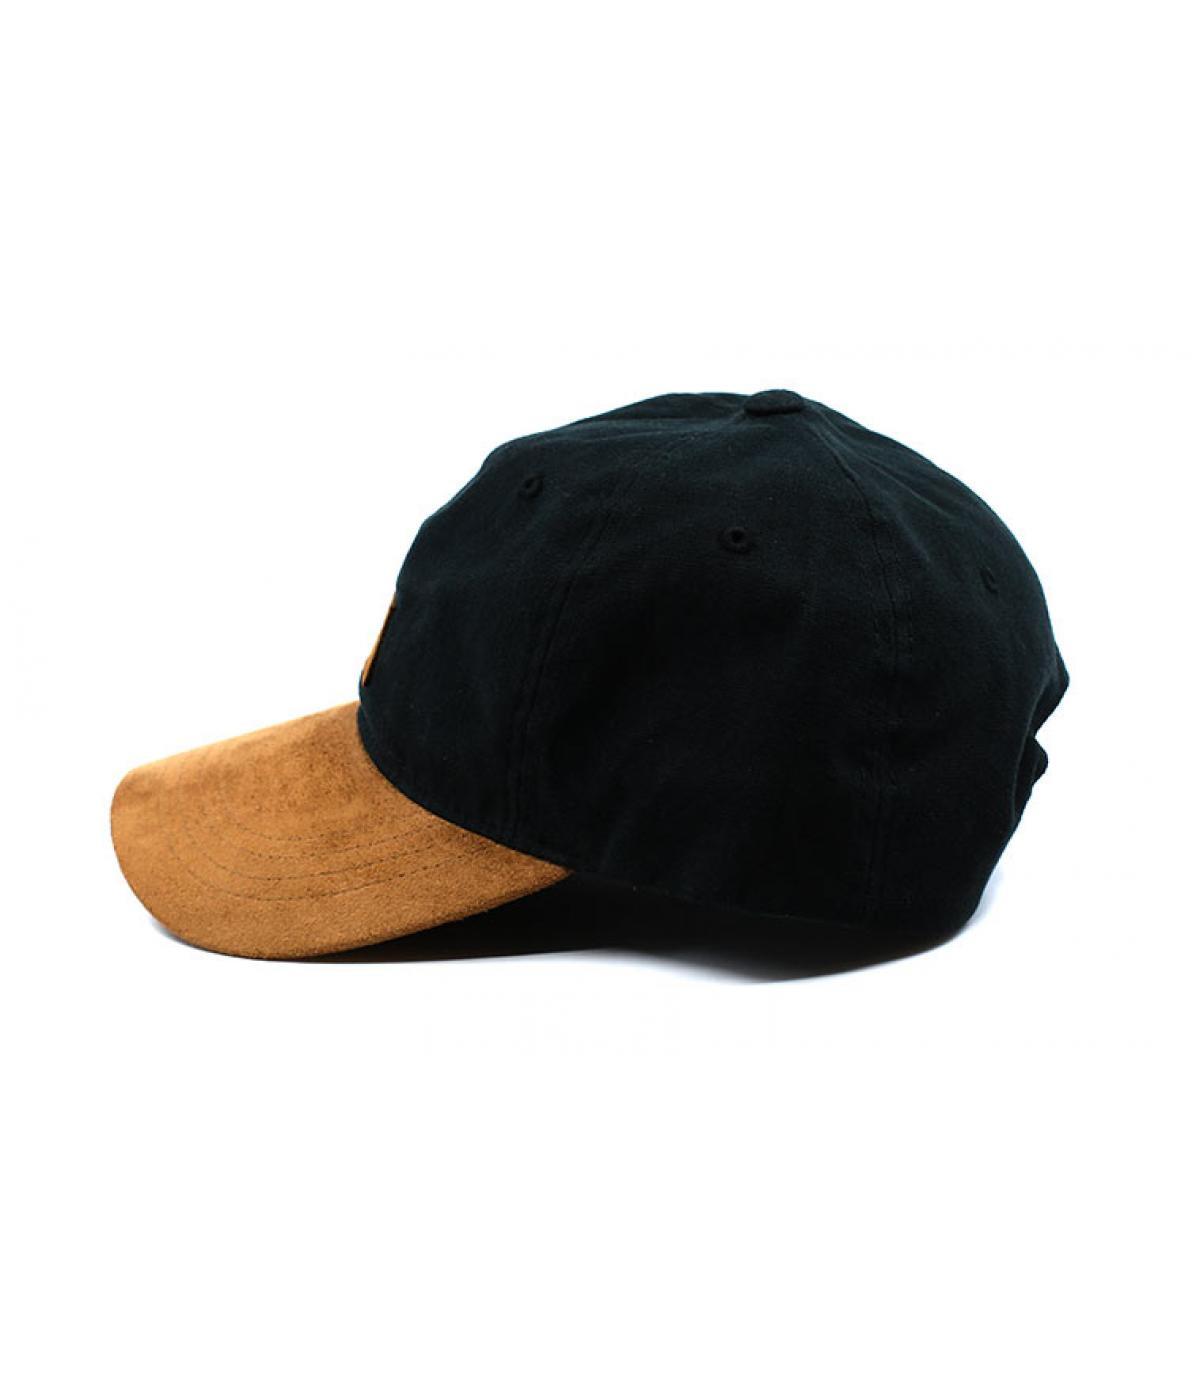 Détails Suede Tone Cap black - image 4